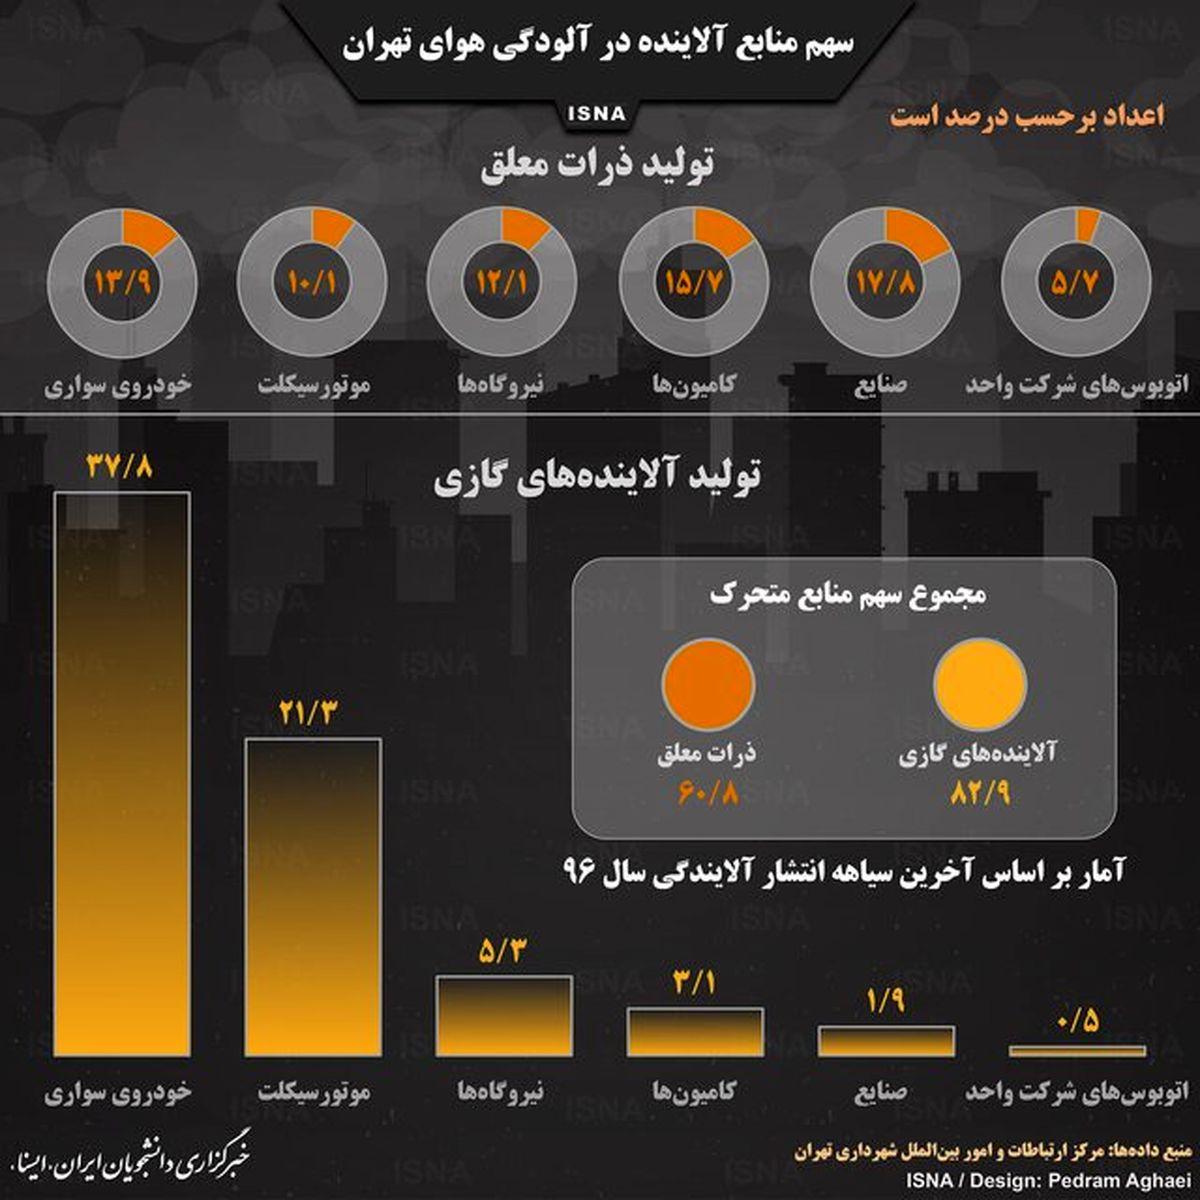 سهم منابع آلاینده در آلودگی هوای تهران